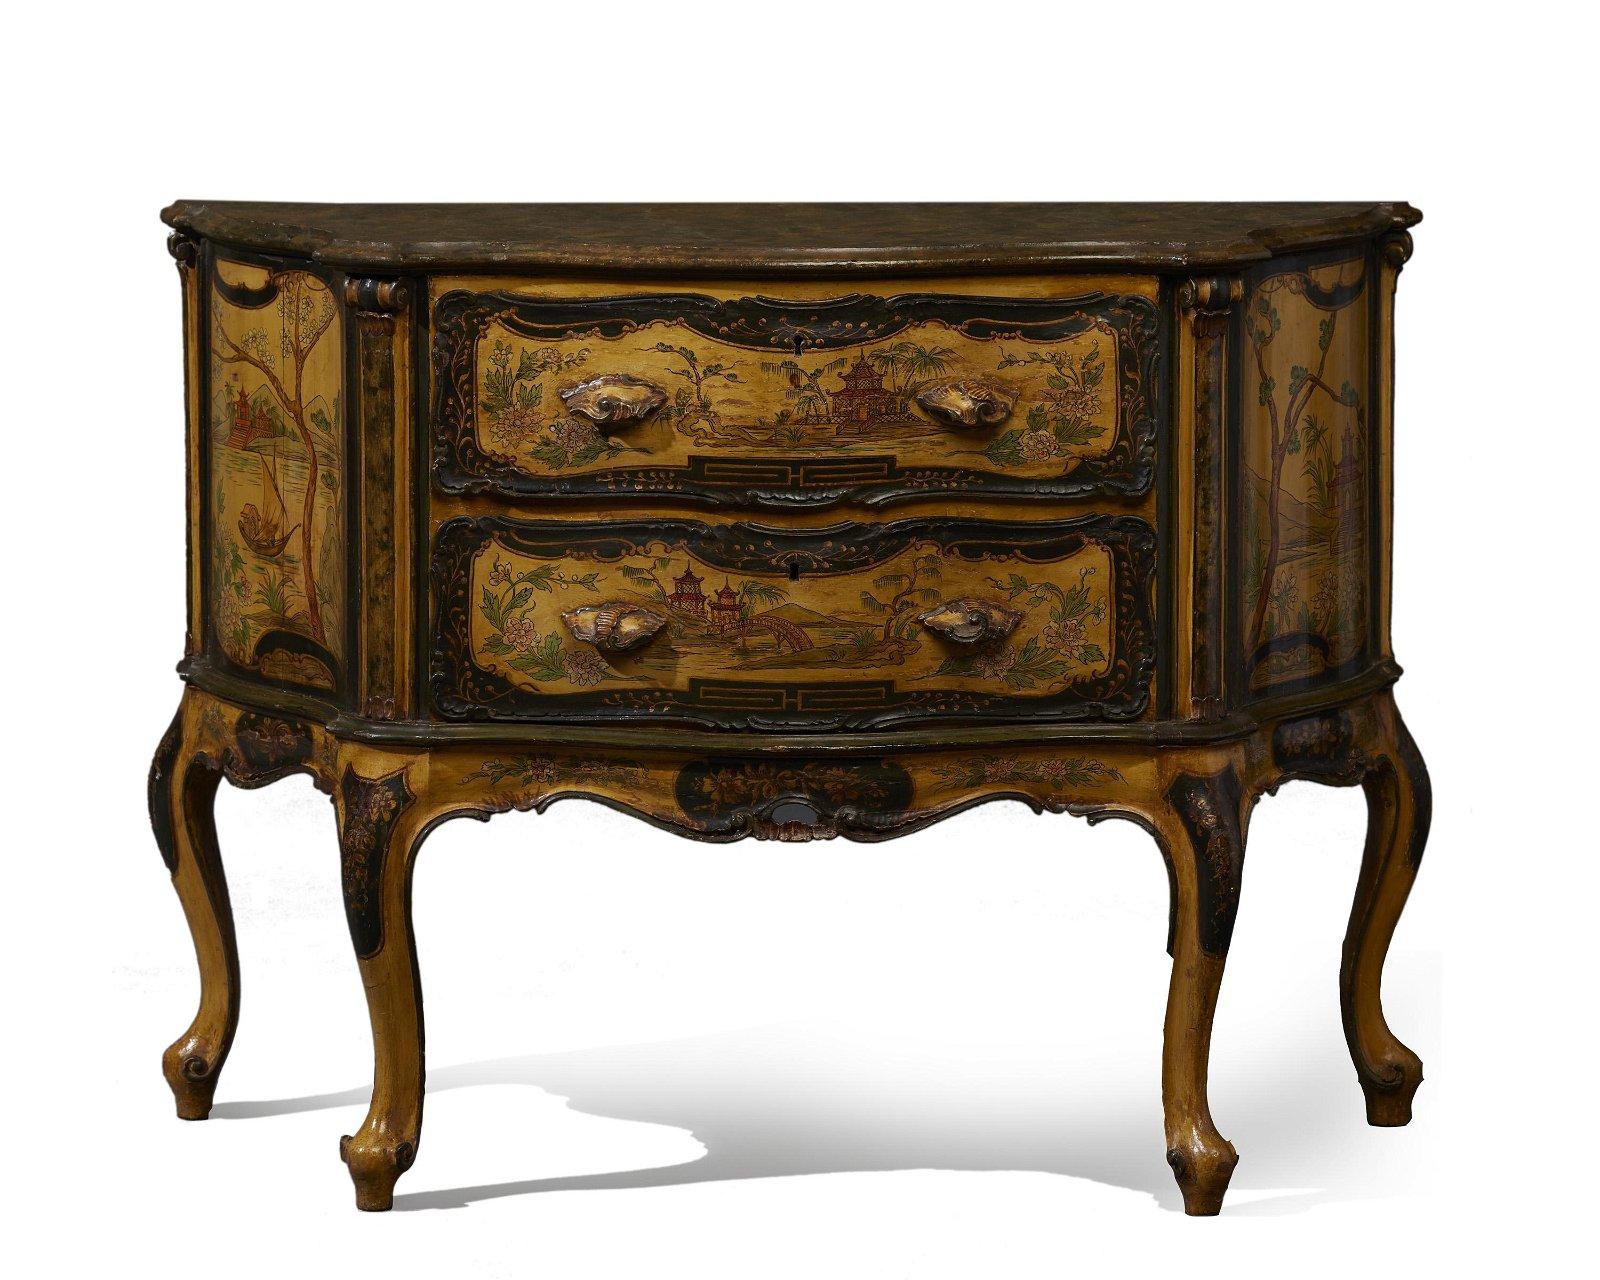 An Italian Chinoiserie-motif chest